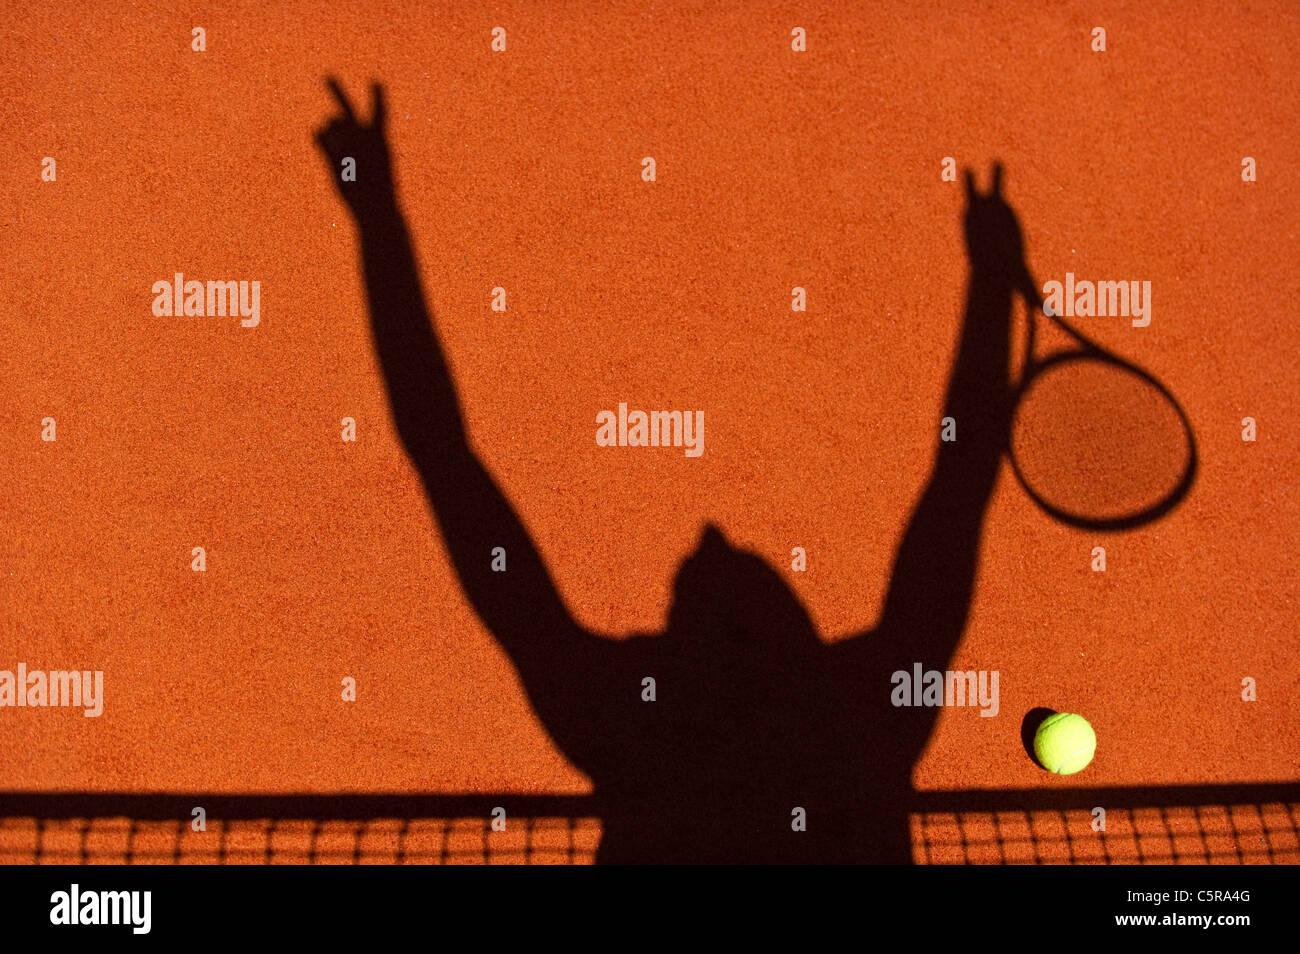 La silueta de un jugador de tenis celebrando en la red. Imagen De Stock